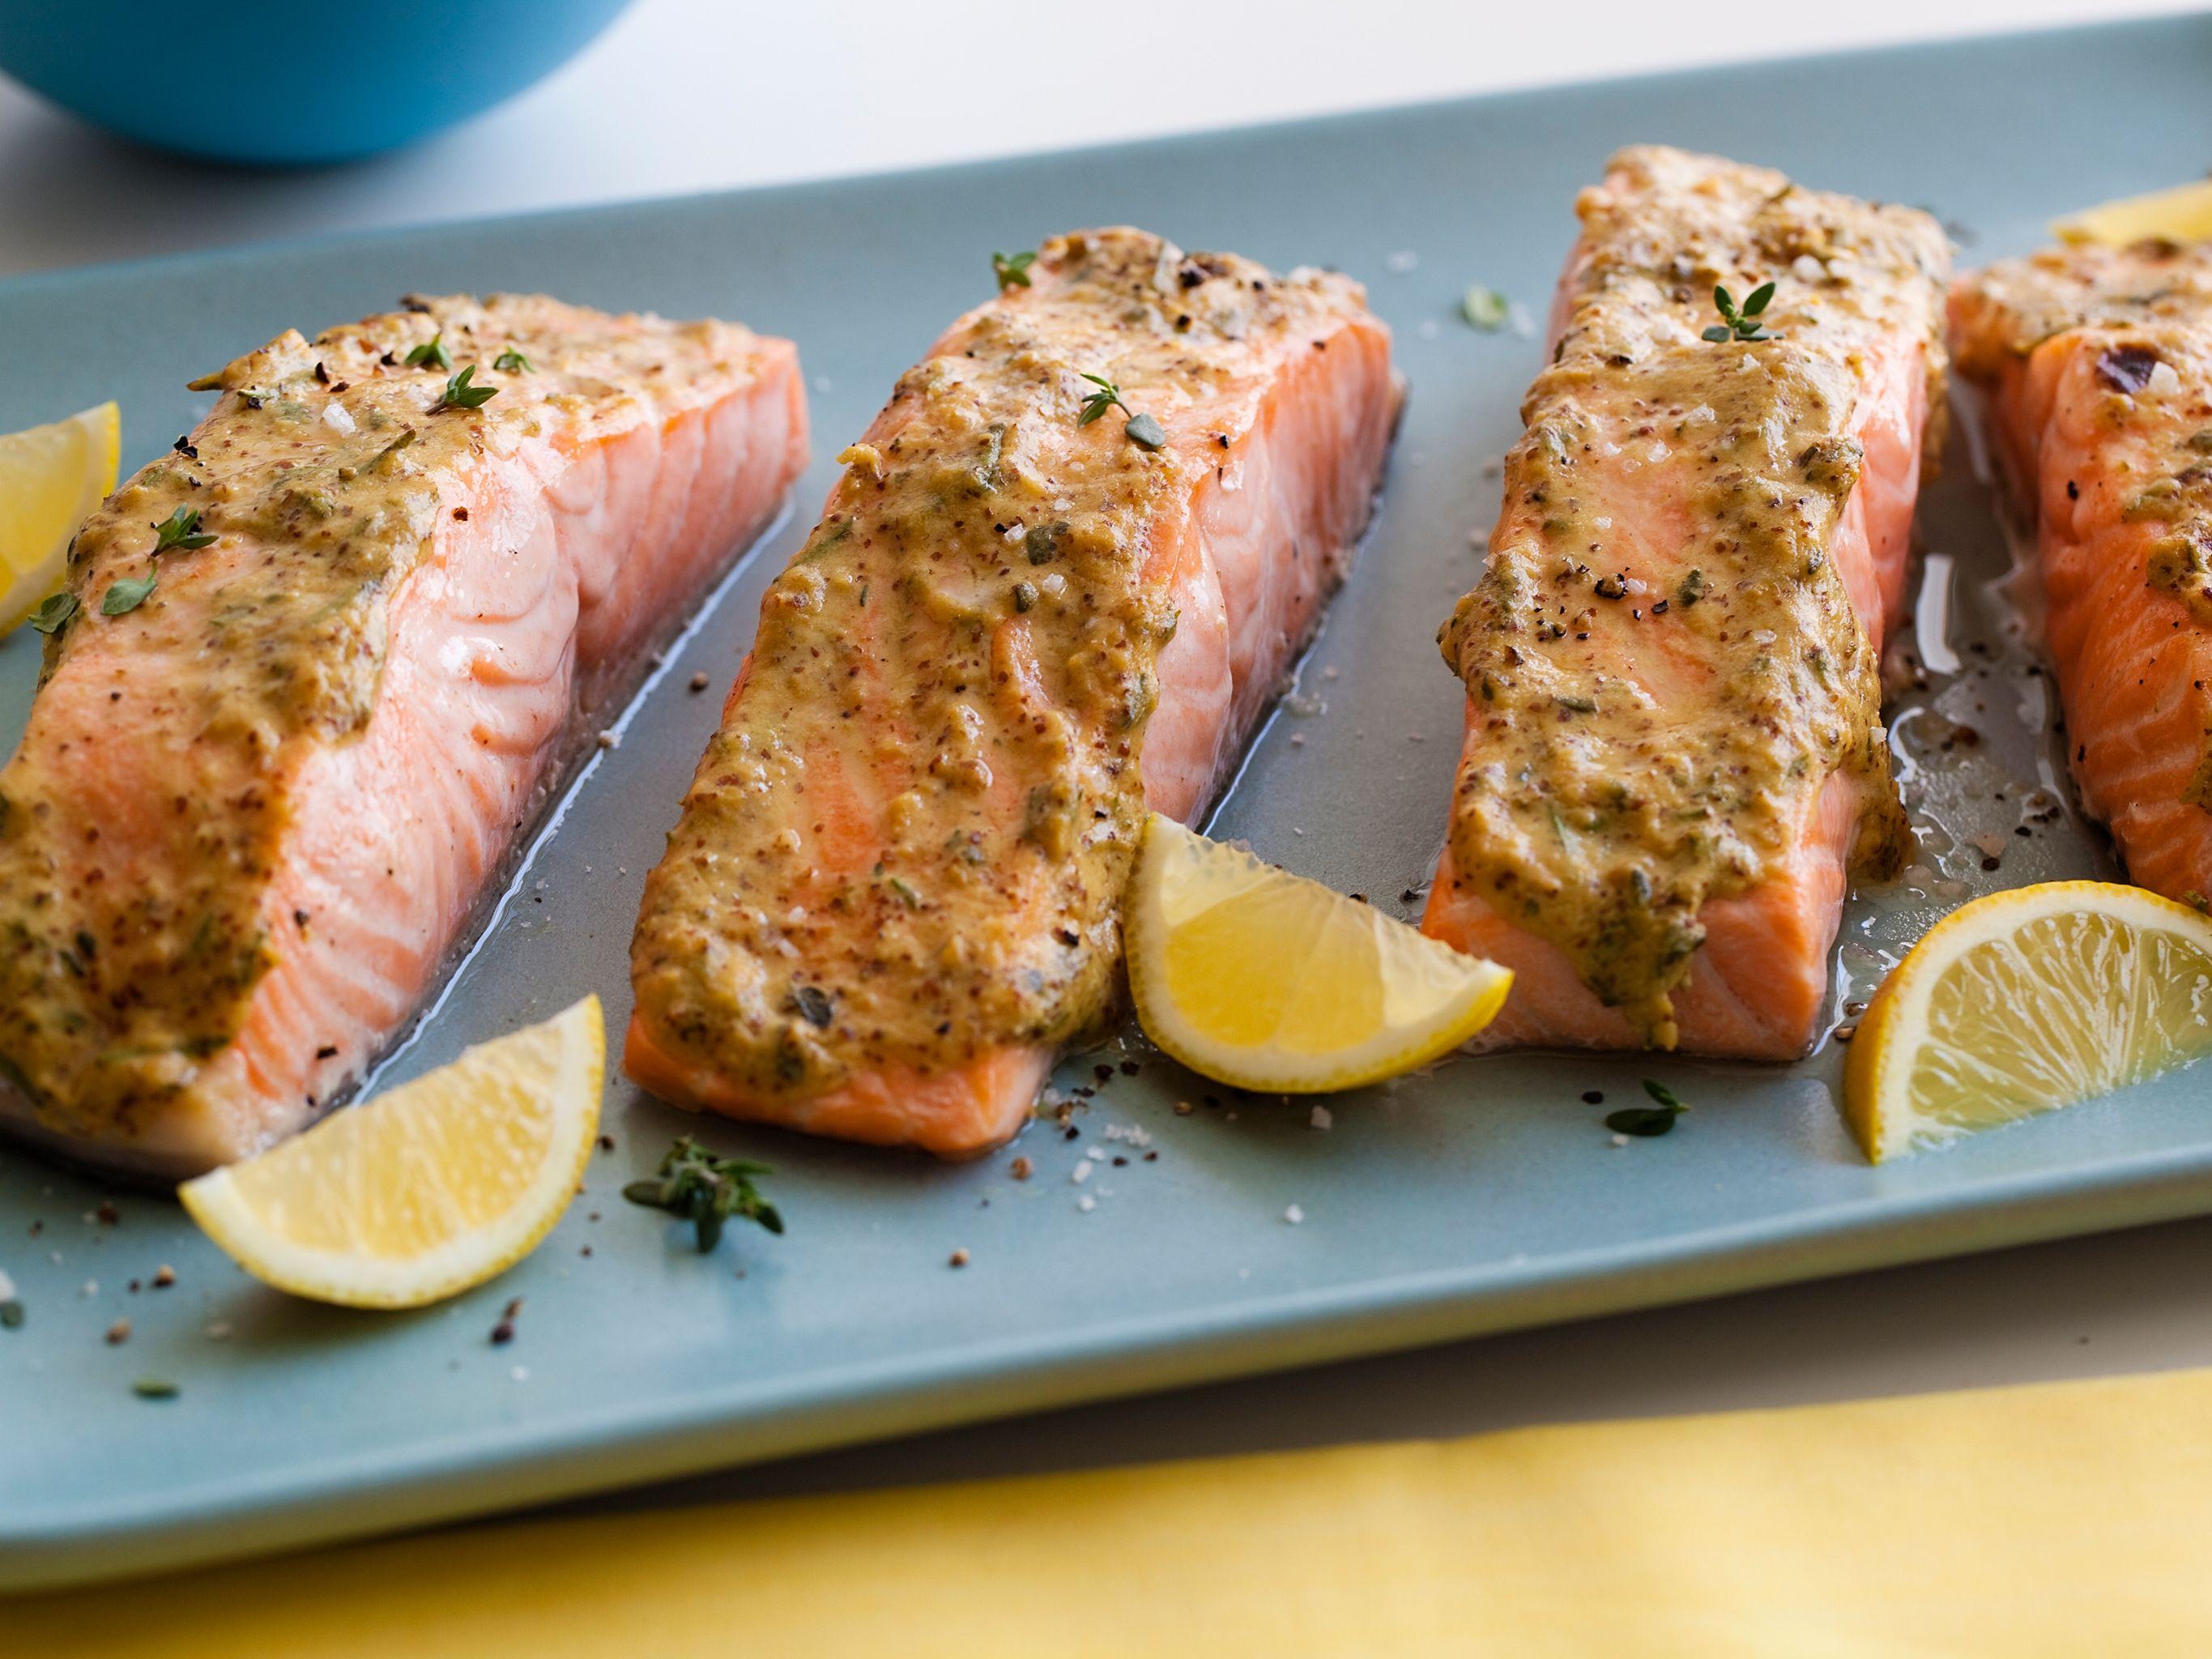 Кулинарное сообщество all-roof.ru - блюда из рыбы рецепты из лосося суп турецкий с булгуром аппетитный и наваристый суп из лосося с луком, овощами и булгуром станет прекрасным горячим блюдом для ваш  рецептов из лосося - простые и вкусные блюда с лососем!